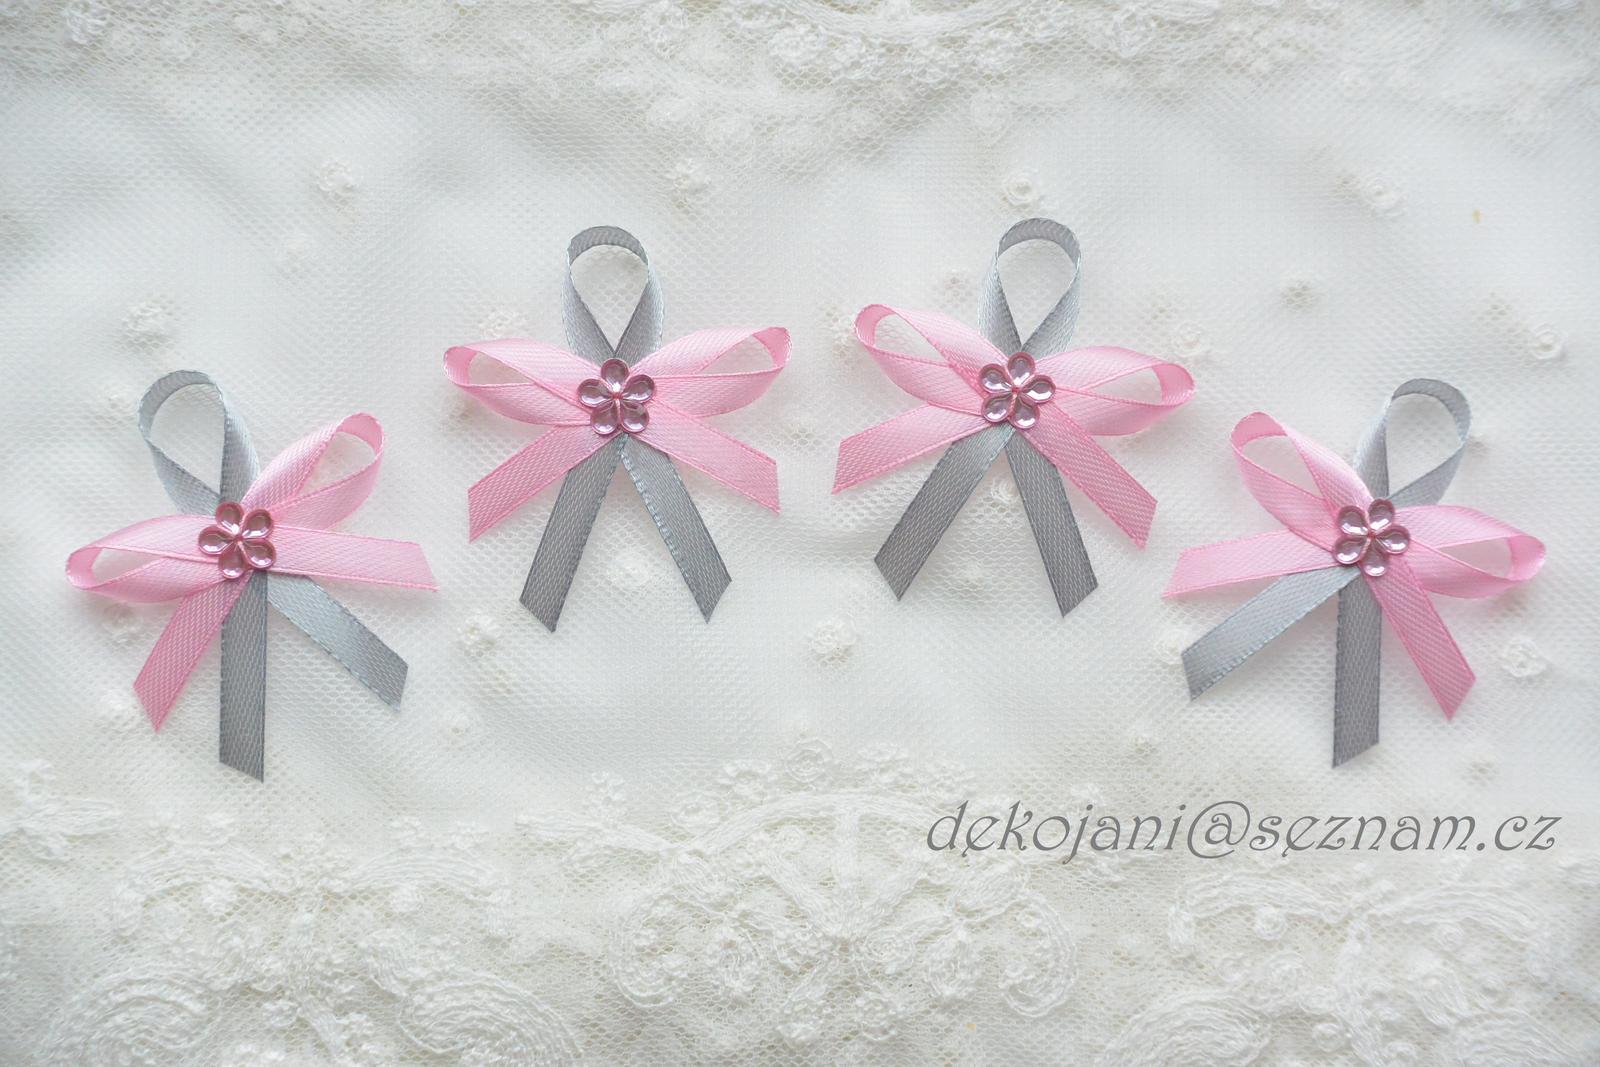 Svatební dekorace vše v barvách na přání! - Obrázek č. 2